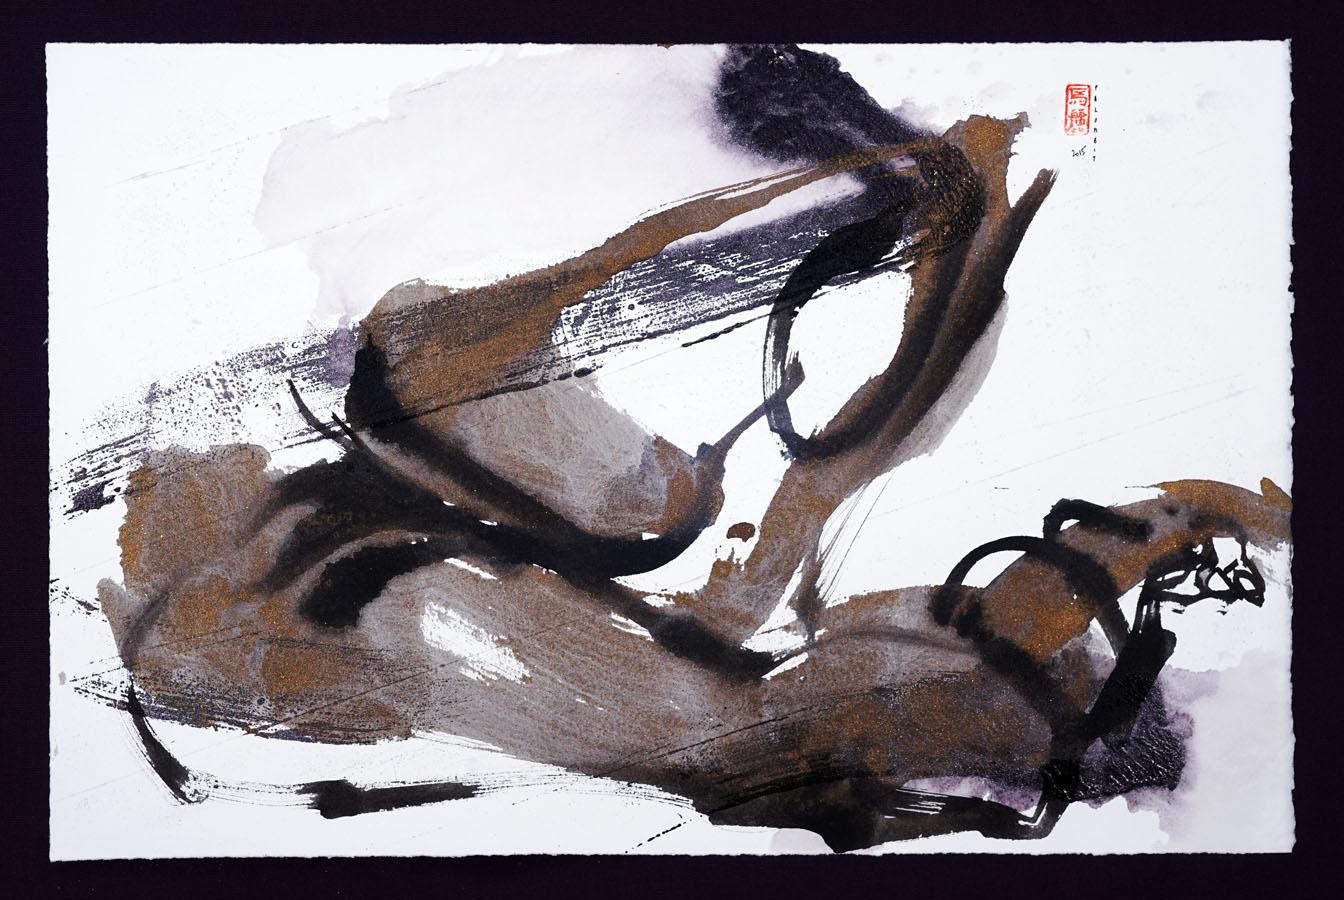 CALLIGRAPHIE ORGANIQUE 4 - 2015 - Encre et acrylique sur papier BFK Rives marouflé sur toile (40x60) - © Palombit